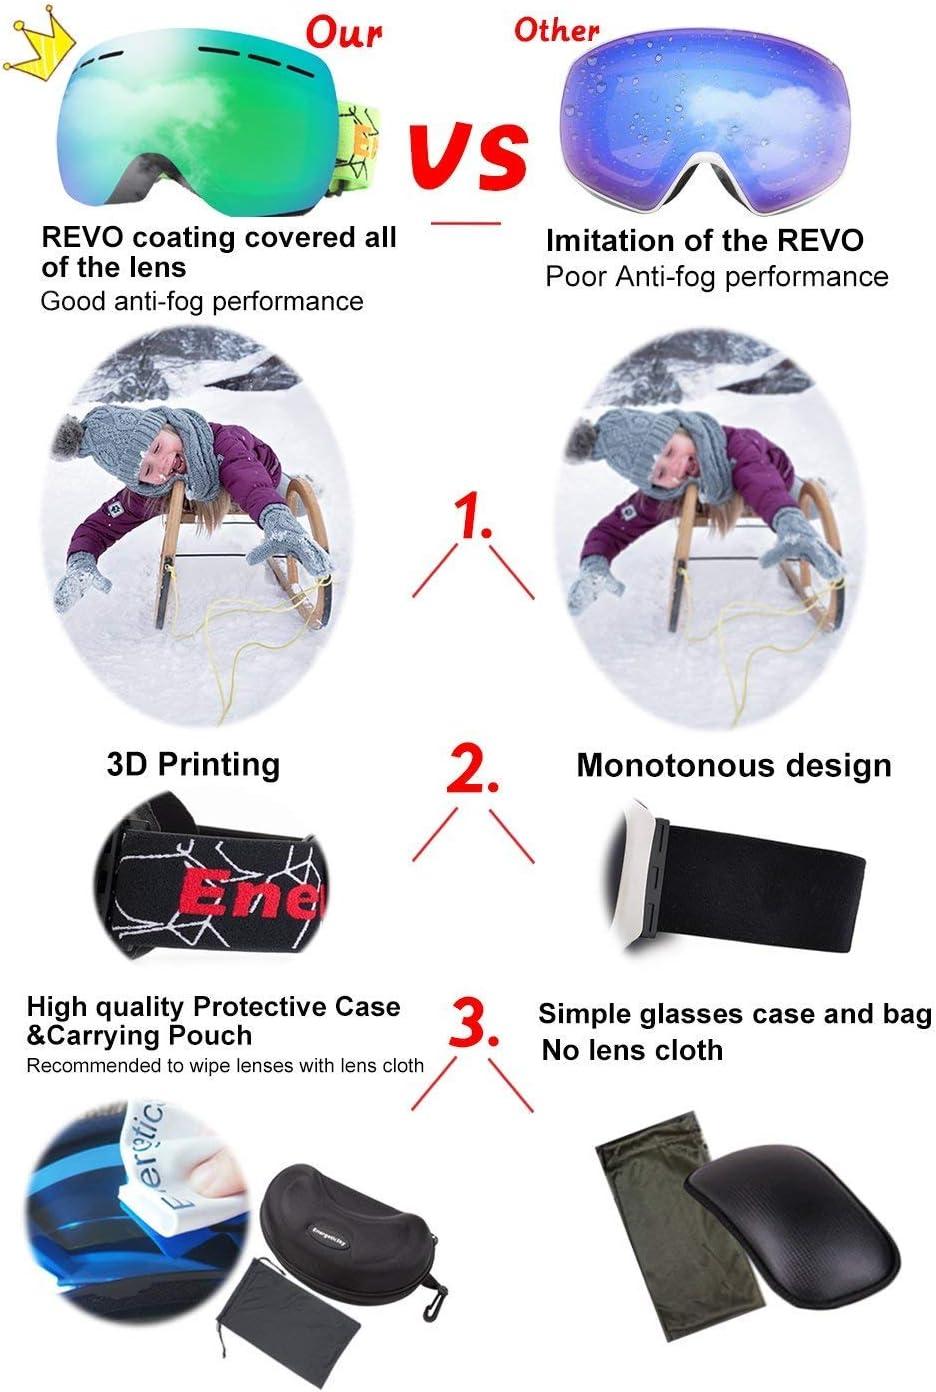 Skateboard Schneebrille f/ür M/änner Frauen und Jugendliche Motorrad OTG REVO Ski-Brille Anti-Beschlag Snowboard-Brille f/ür den Schnee Snowmobile UV-Schutz Von EnergeticSkyTM Snowboard Reiten